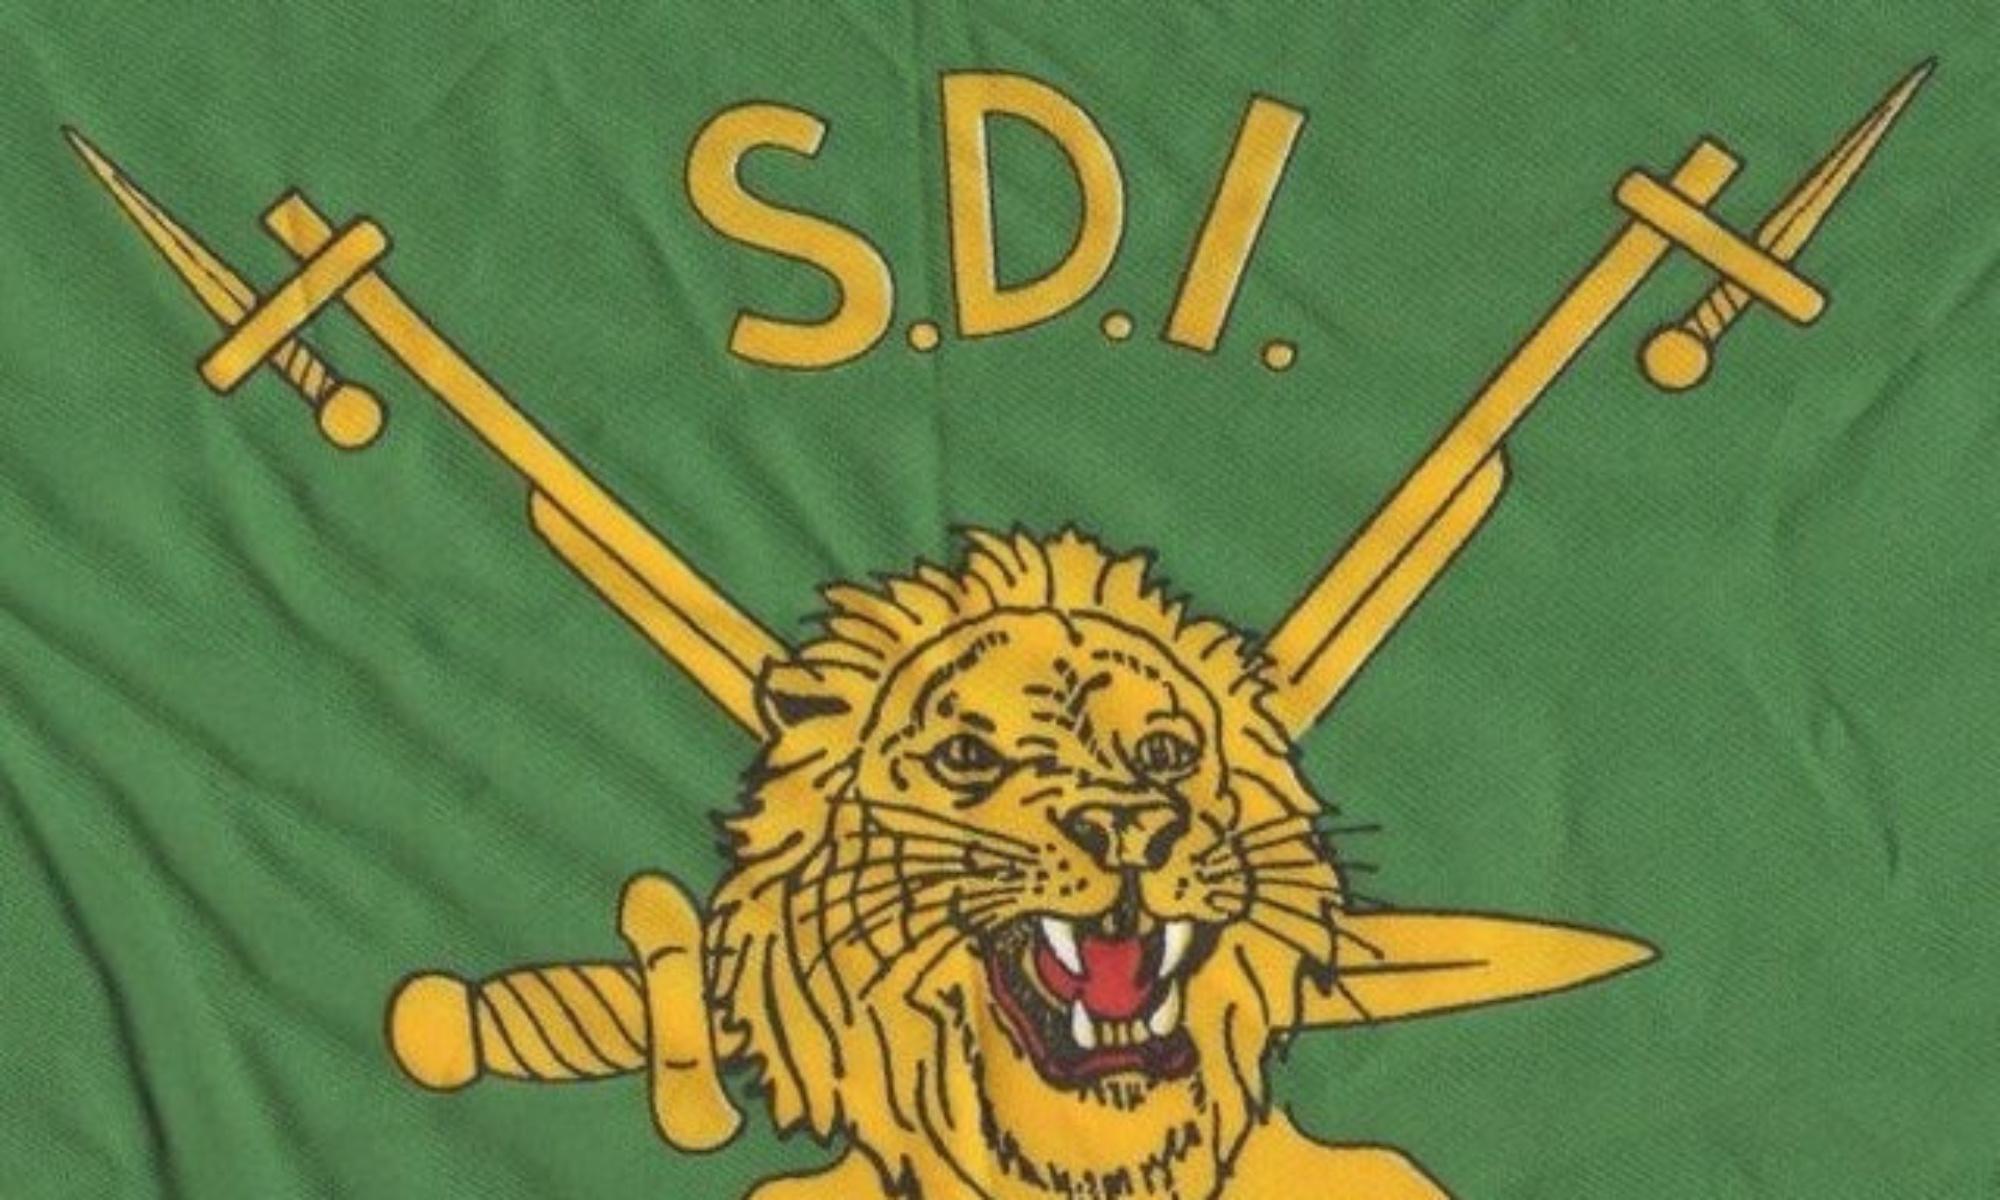 A.N.SDI.M